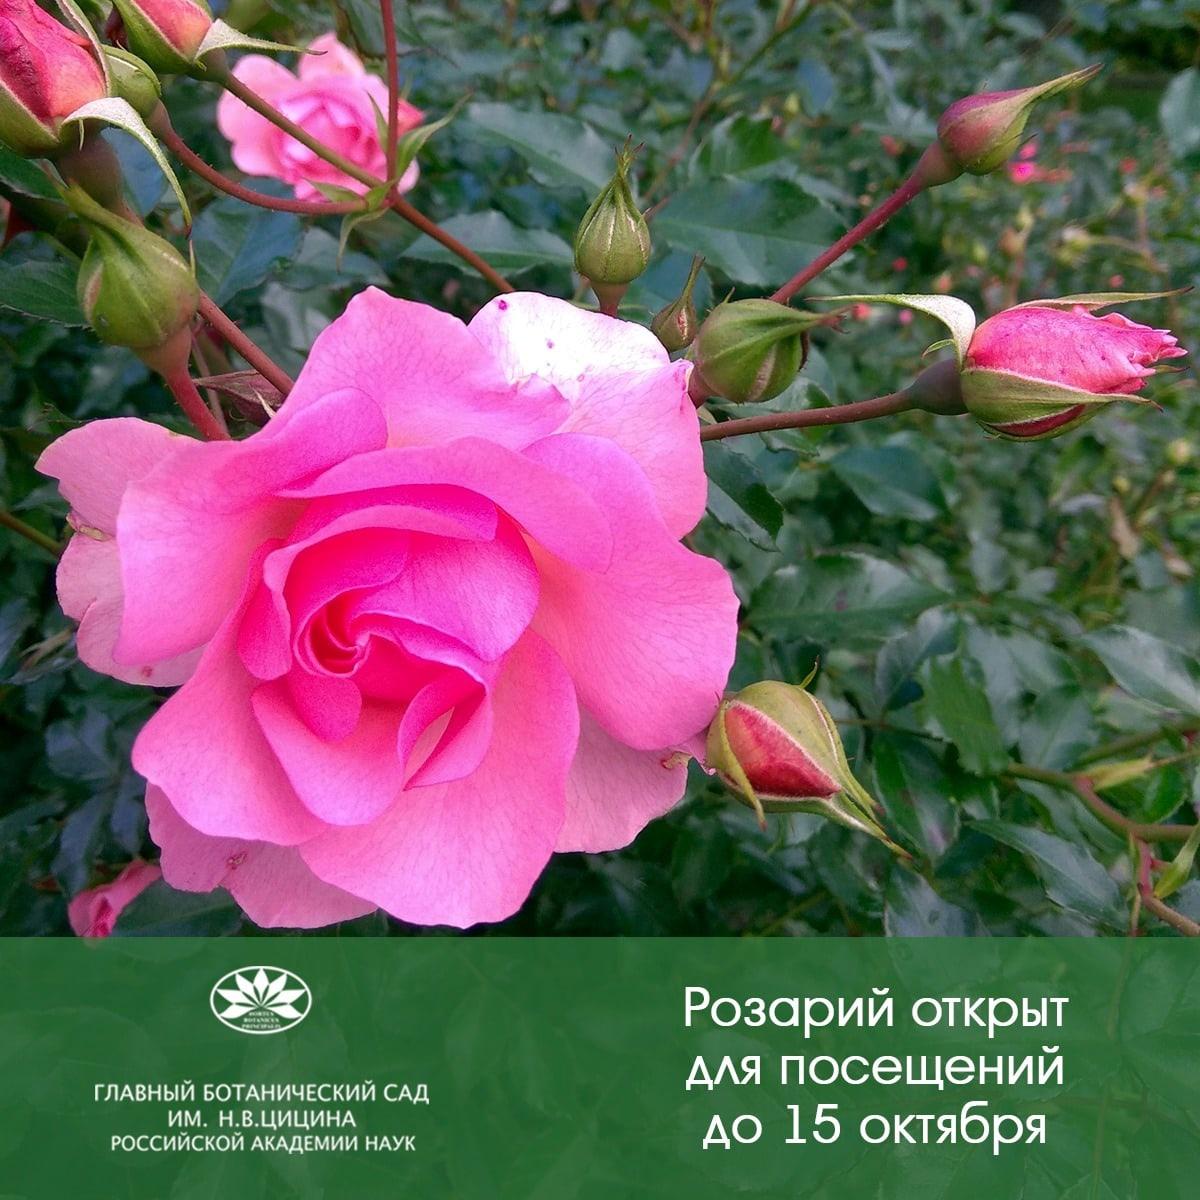 """Экспозиция """"Розарий"""" работает в текущем сезоне до 15 октября с 11."""